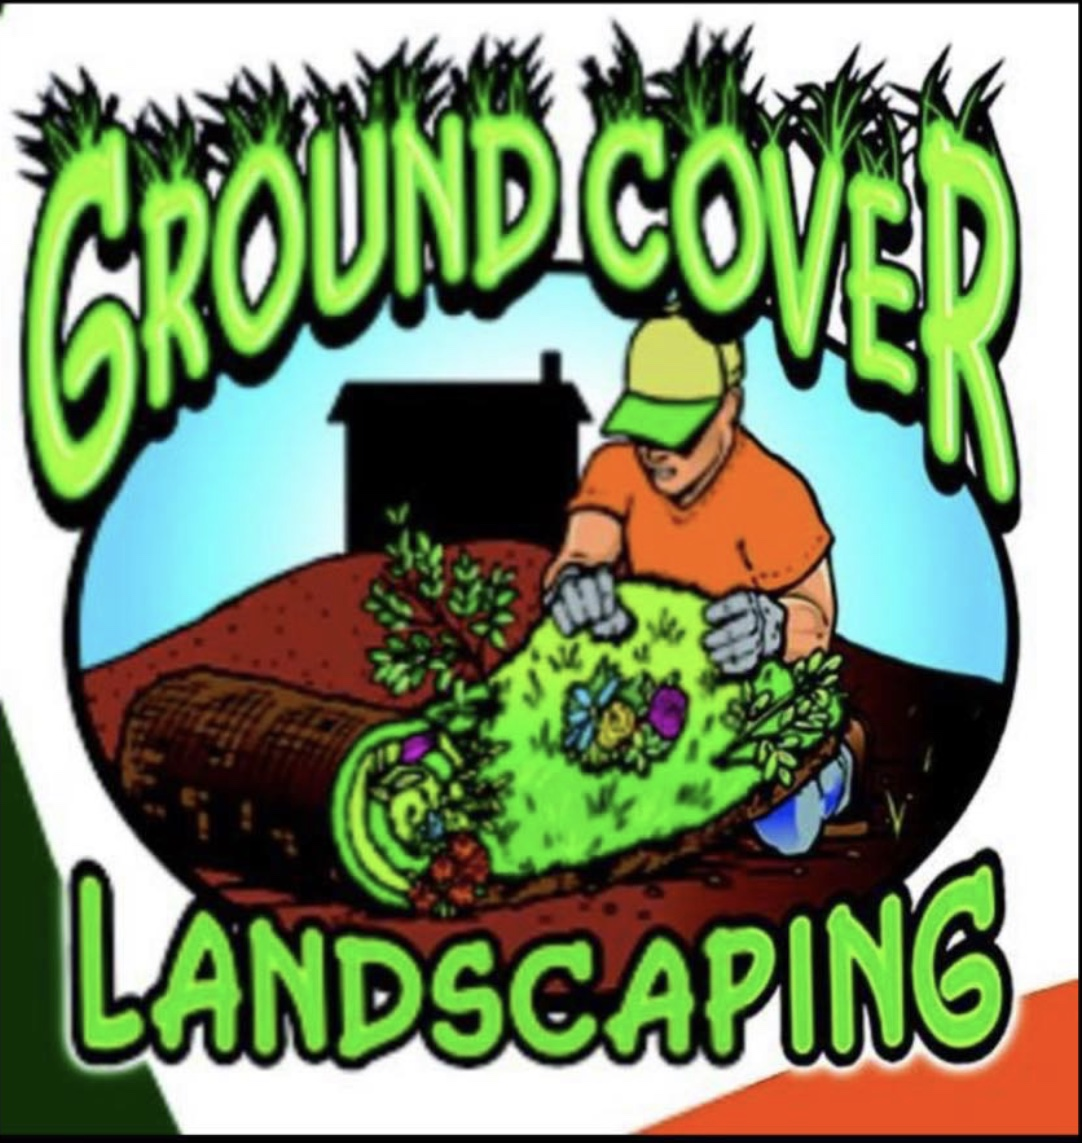 Ground Cover logo